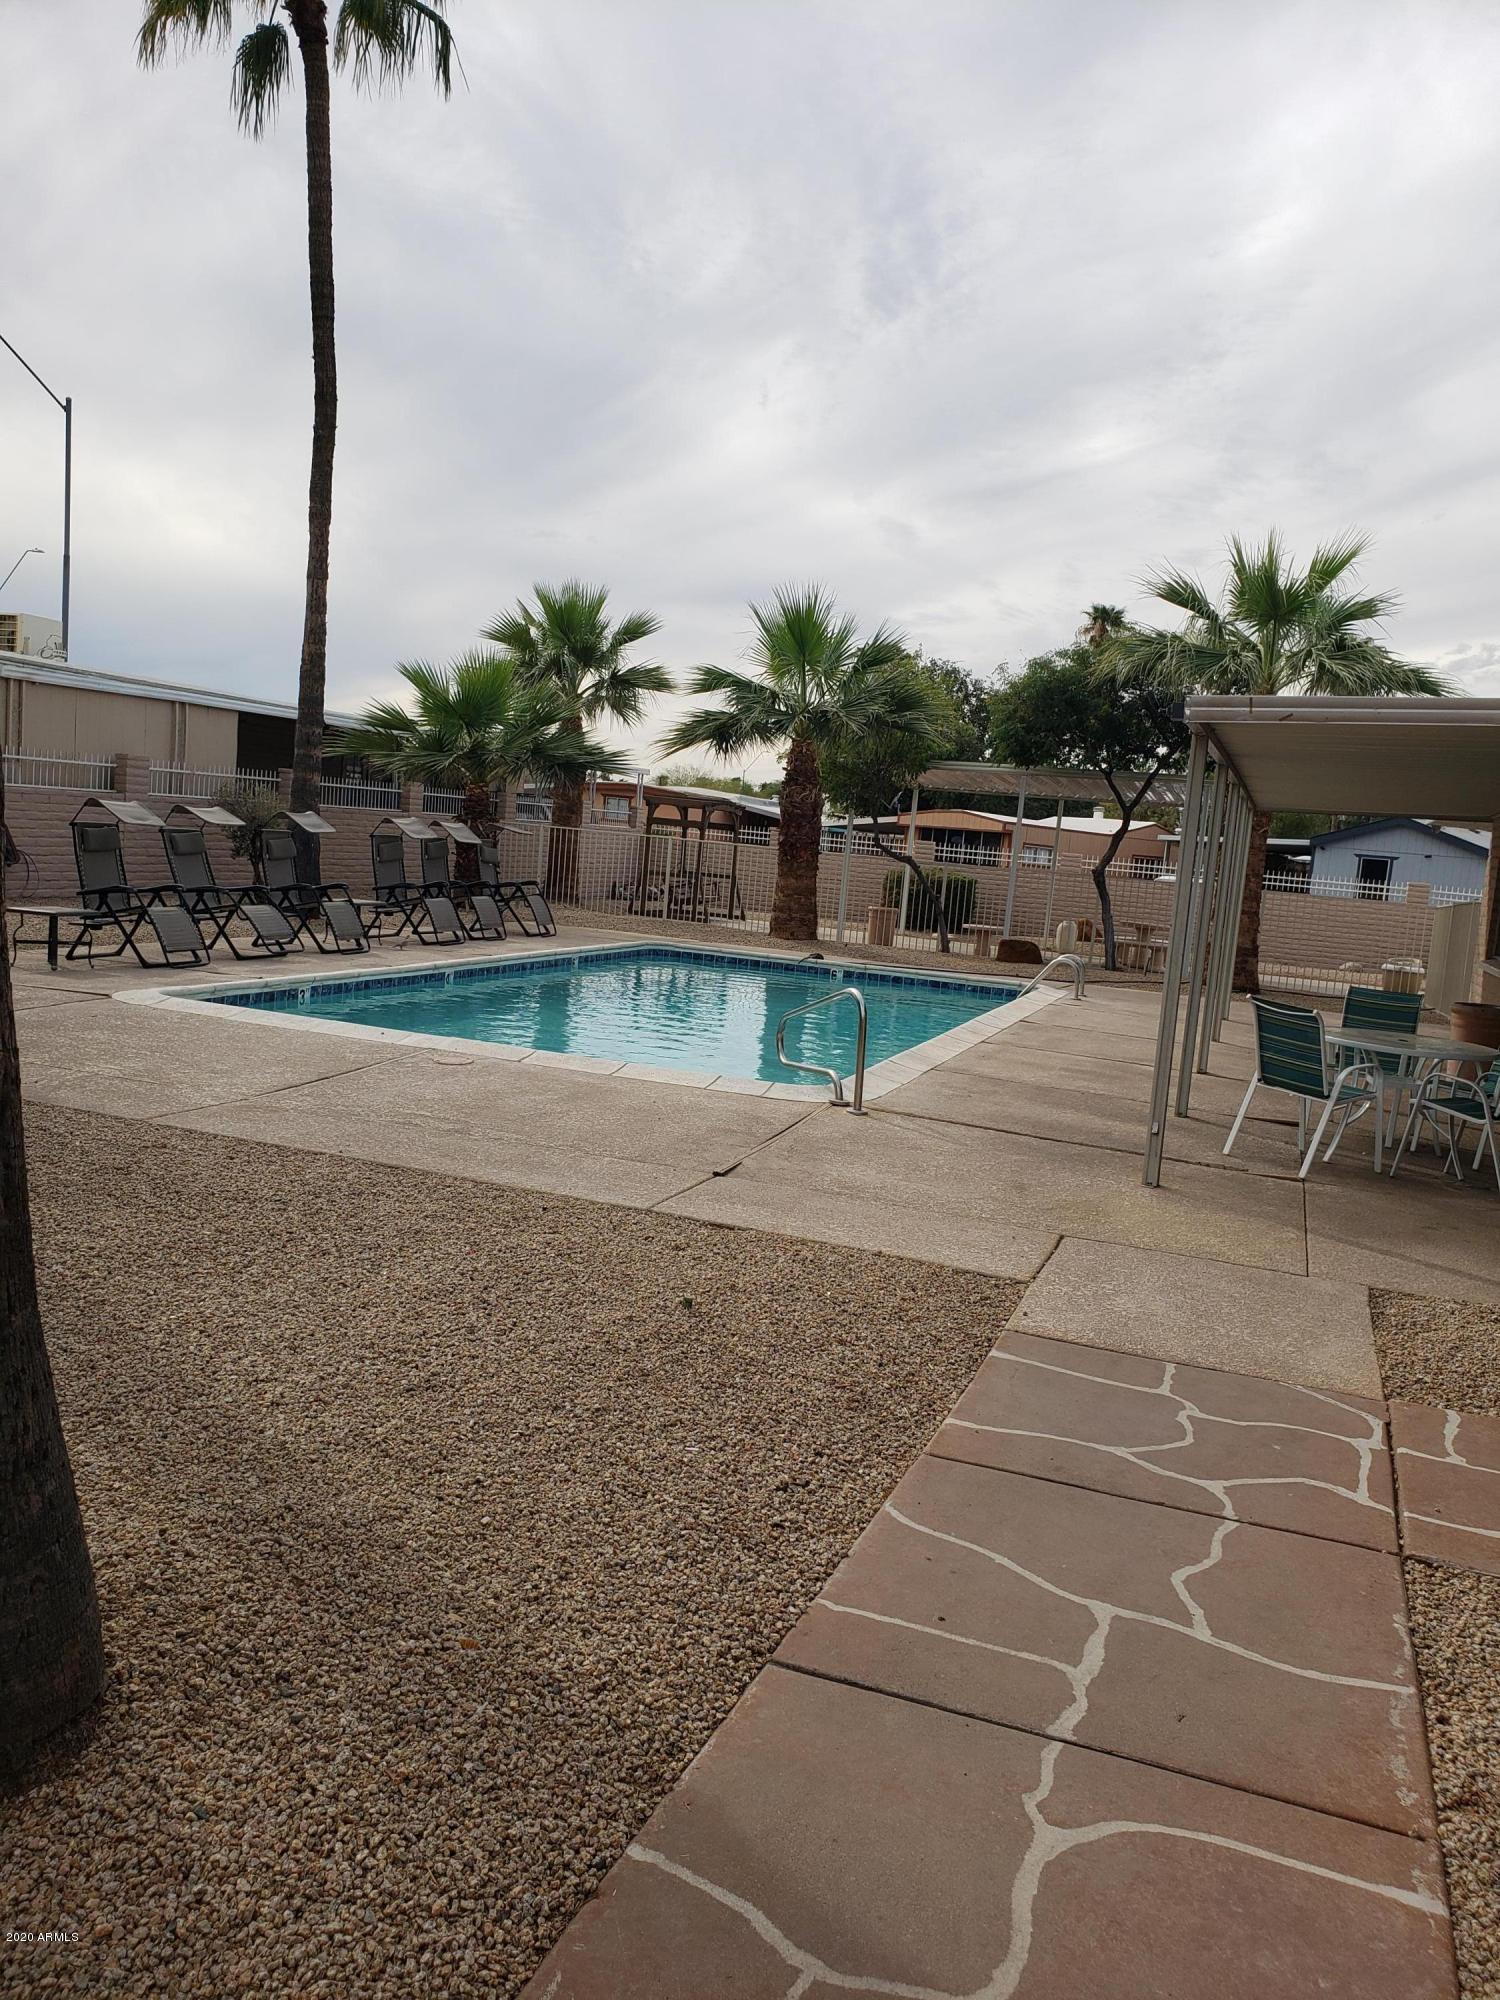 MLS 6155818 1304 E BELL Road Unit 18, Phoenix, AZ 85022 Phoenix AZ Affordable